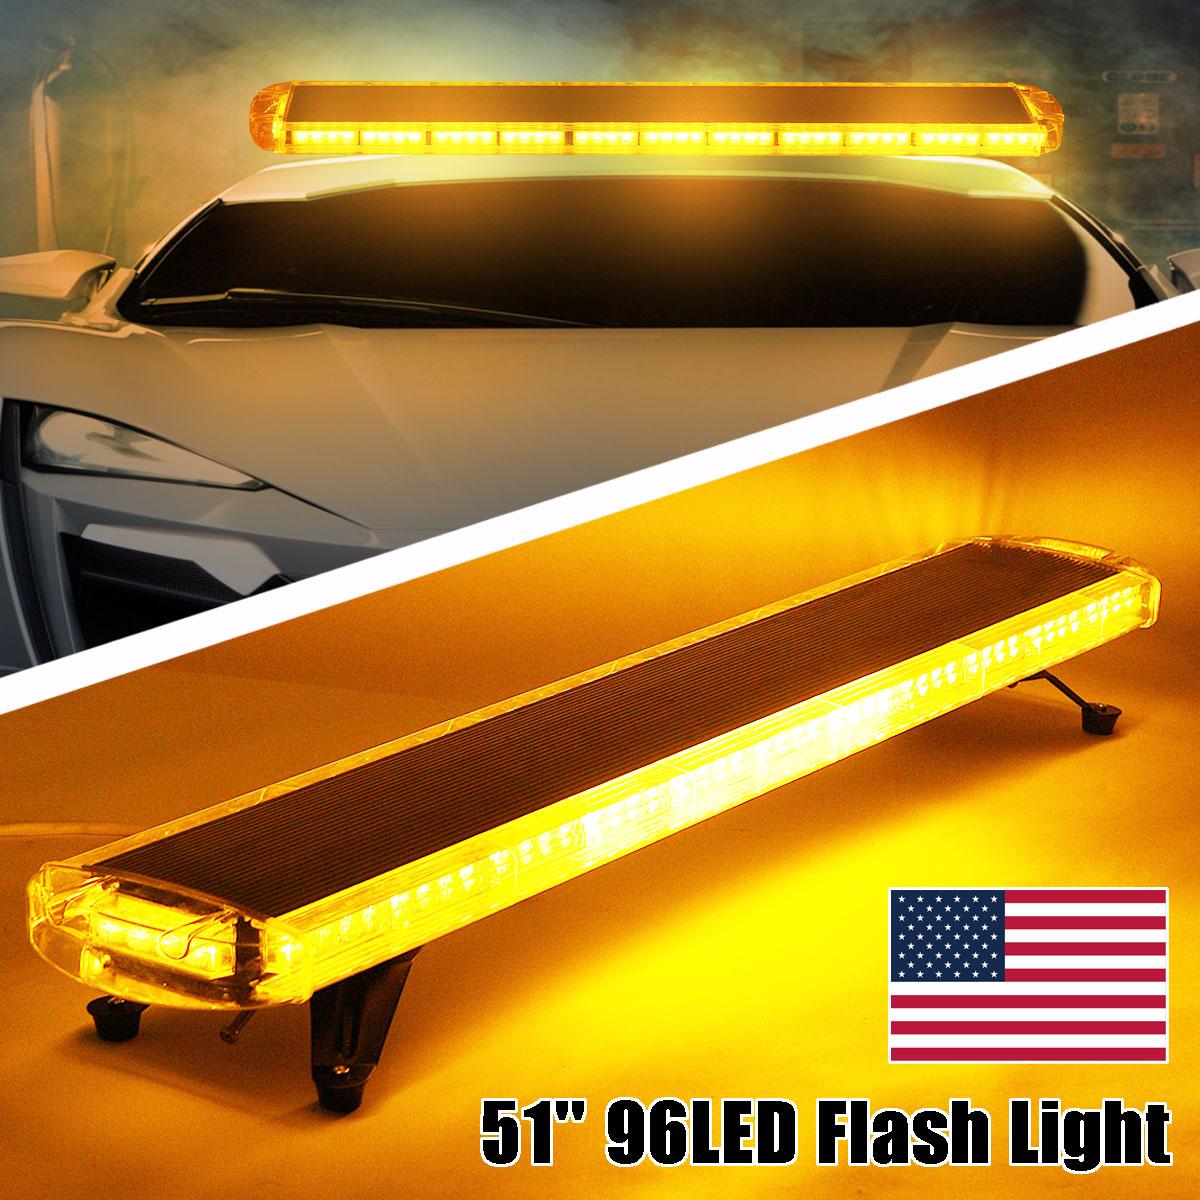 цена на Smuxi 51 96 LED Car Strobe Light Amber Beacon Fog Led Warning Emergency Lights Car Truck Polices Strobe Light Bar